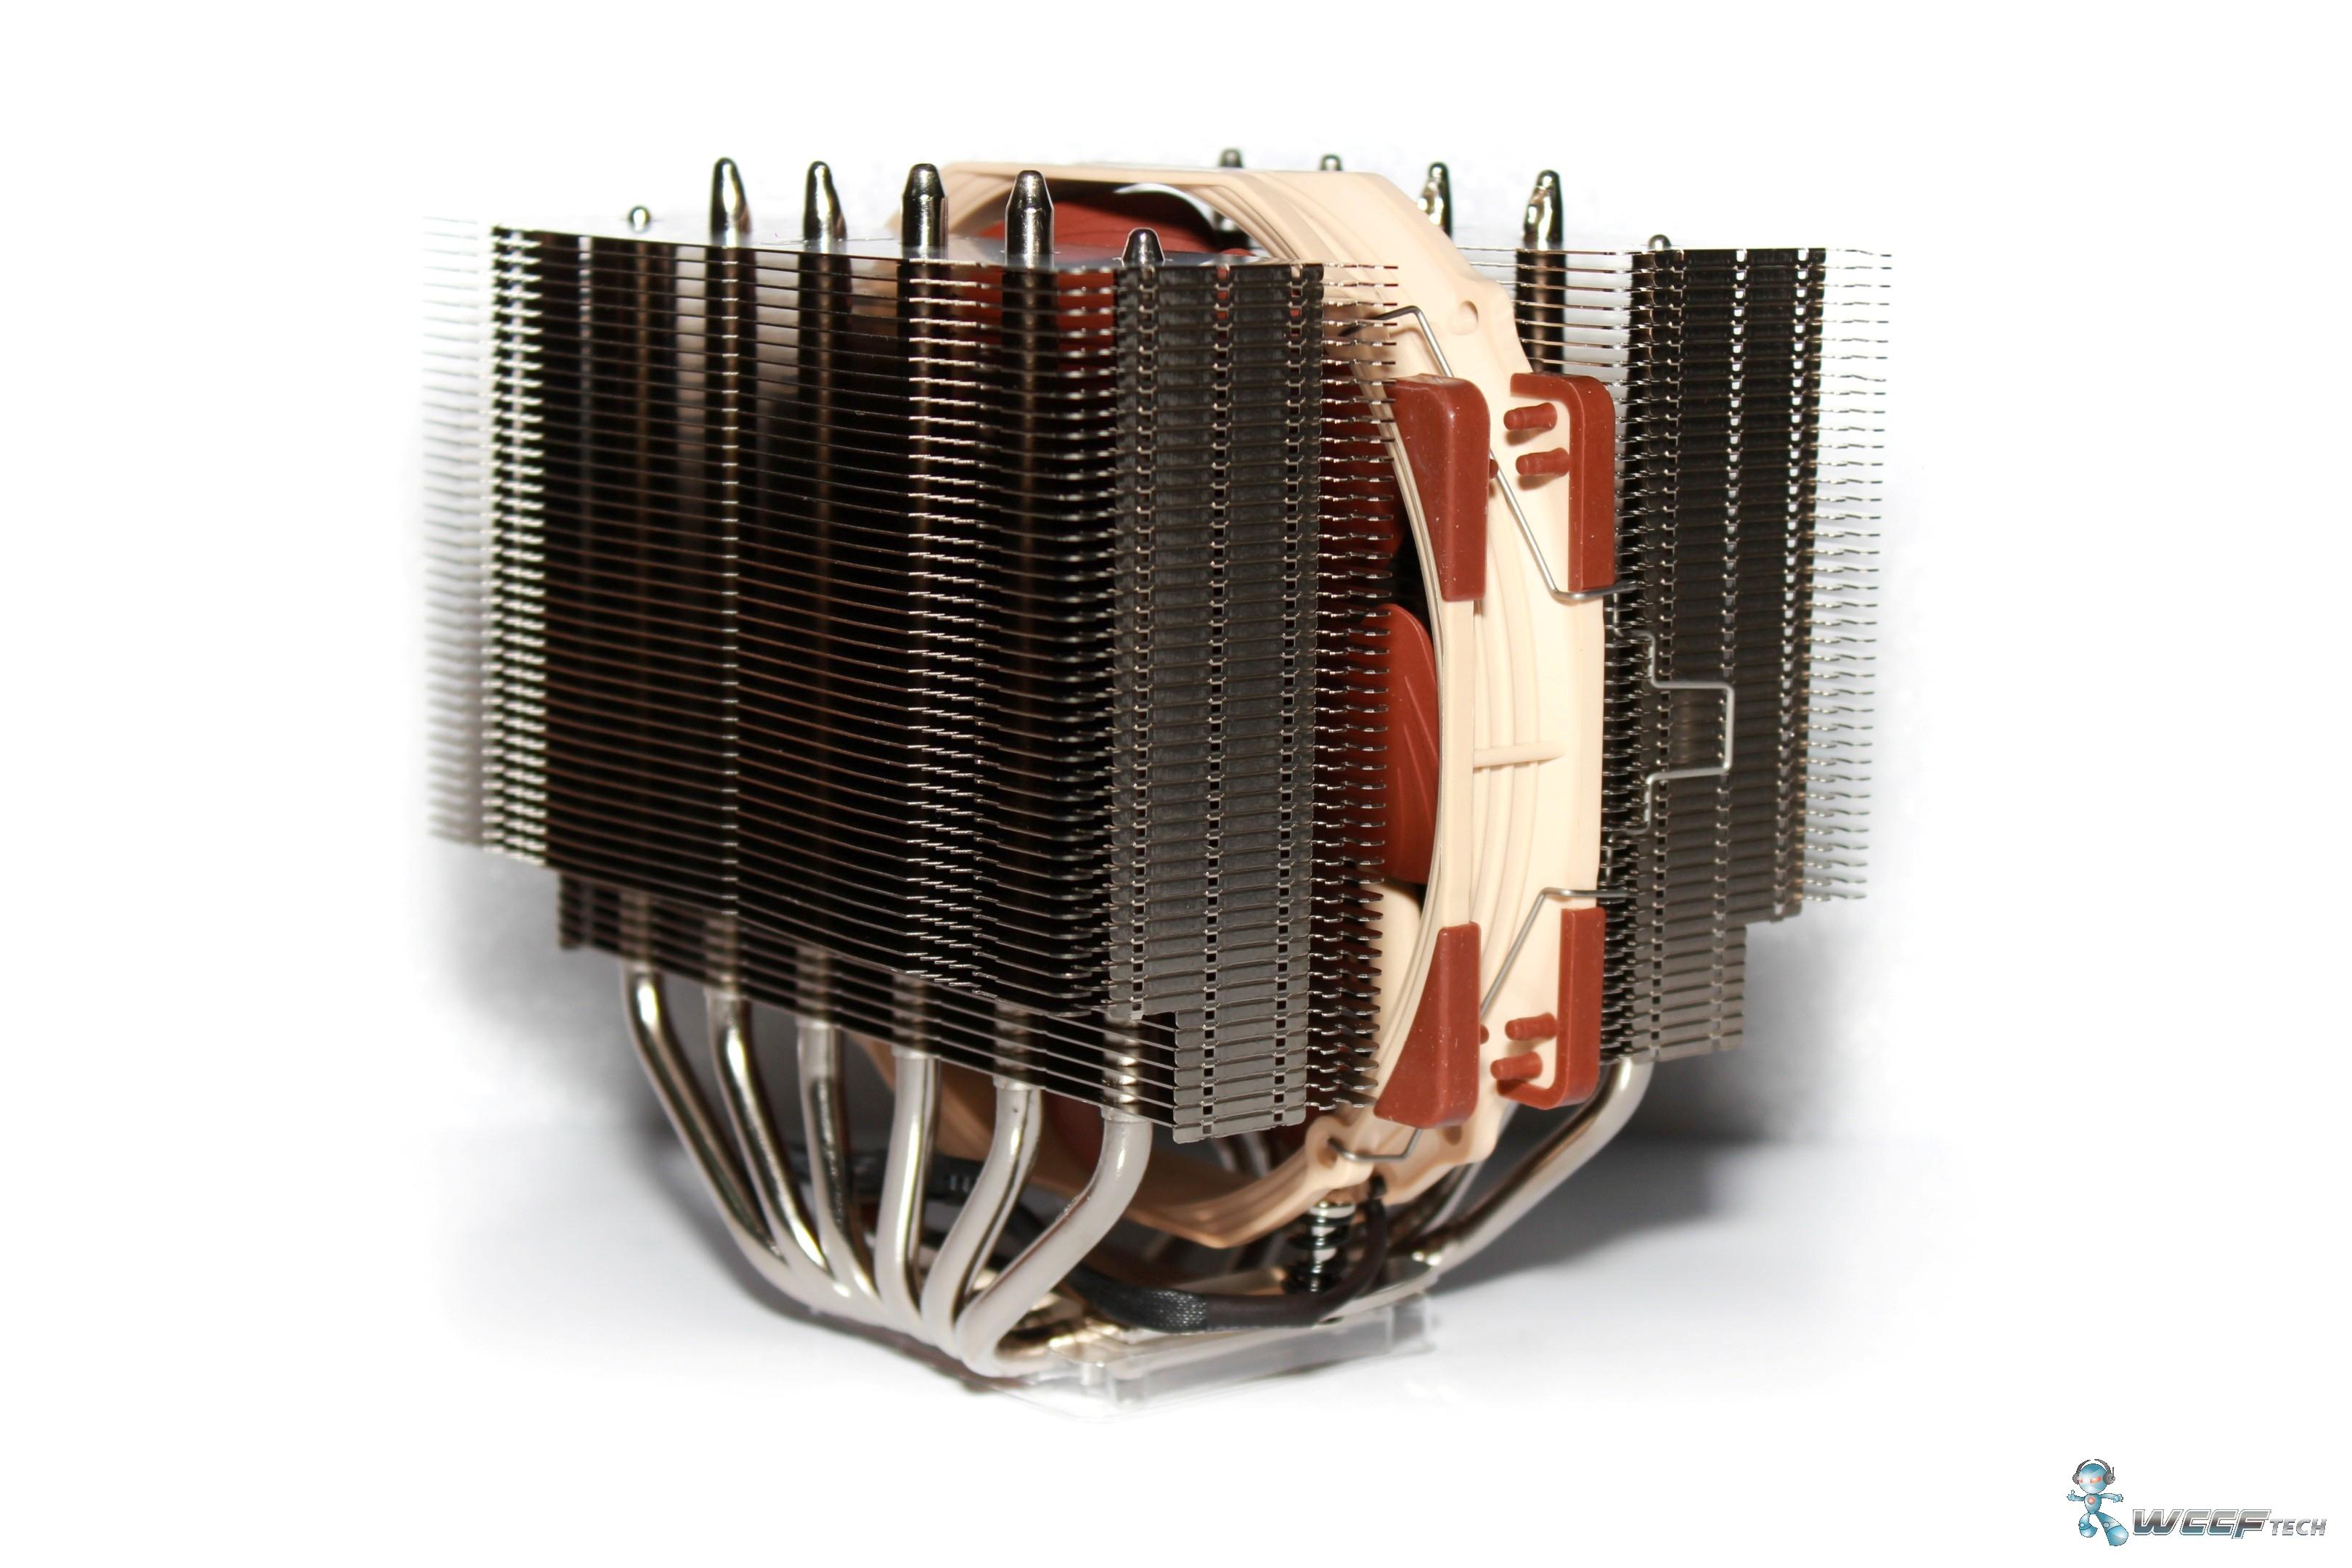 Noctua Nh D15 Cpu Dual Tower Heatsink Cooler Review U14s 4